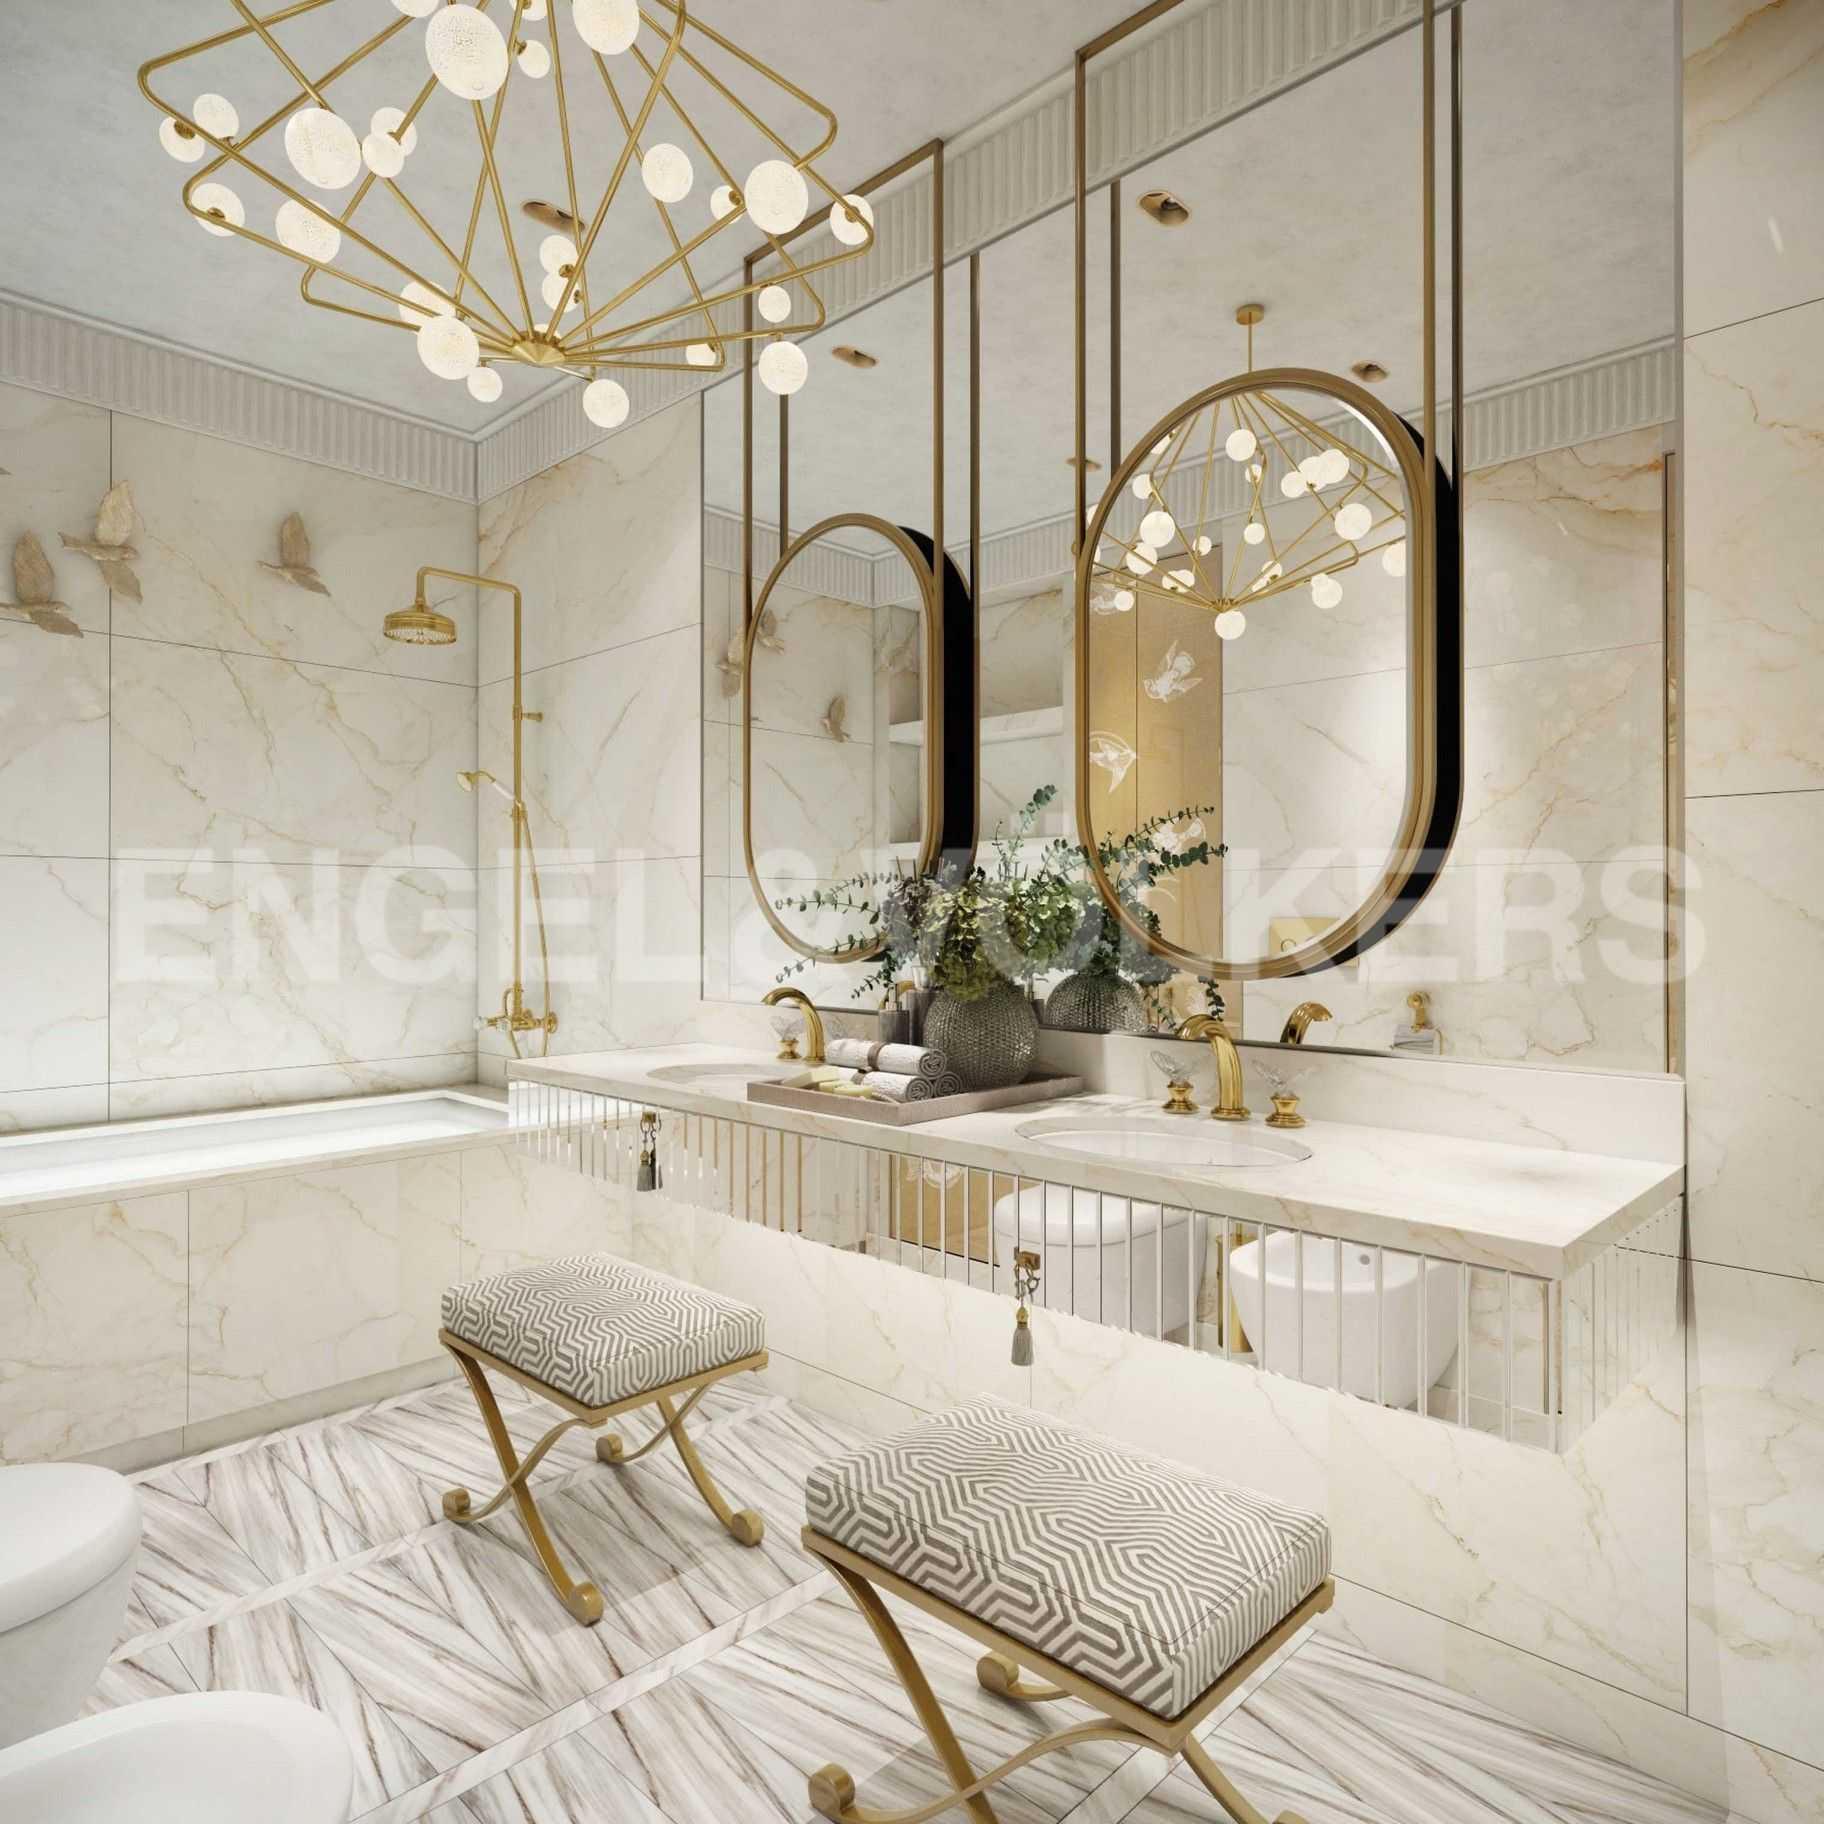 Элитные квартиры в Центральном районе. Санкт-Петербург, Парадная, 3. Проект детской ванной комнаты